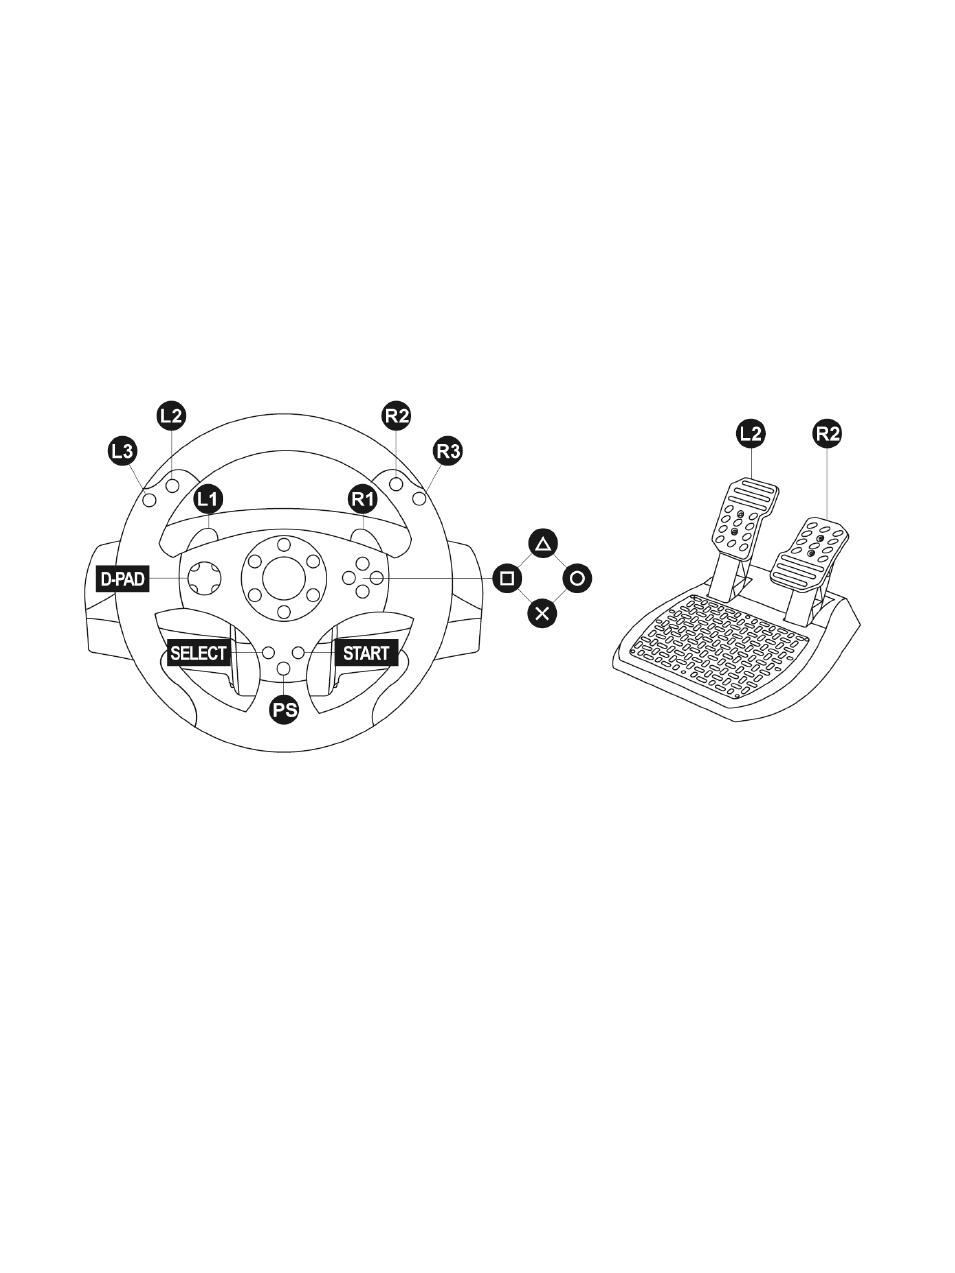 Configuración de los pedales en playstation®3, Playstation